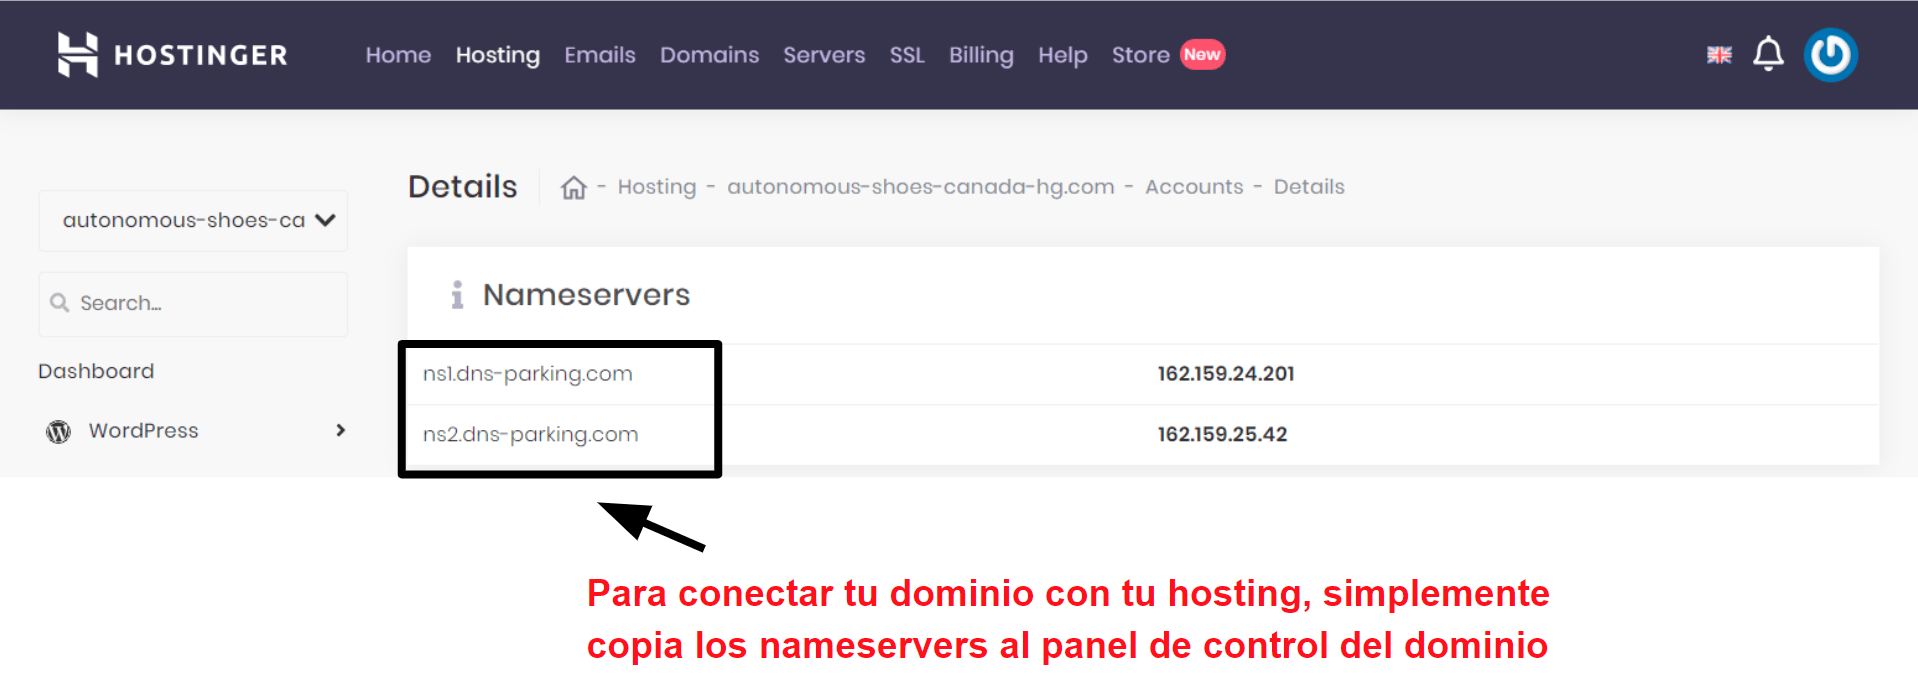 Hostinger domain connection information_ES